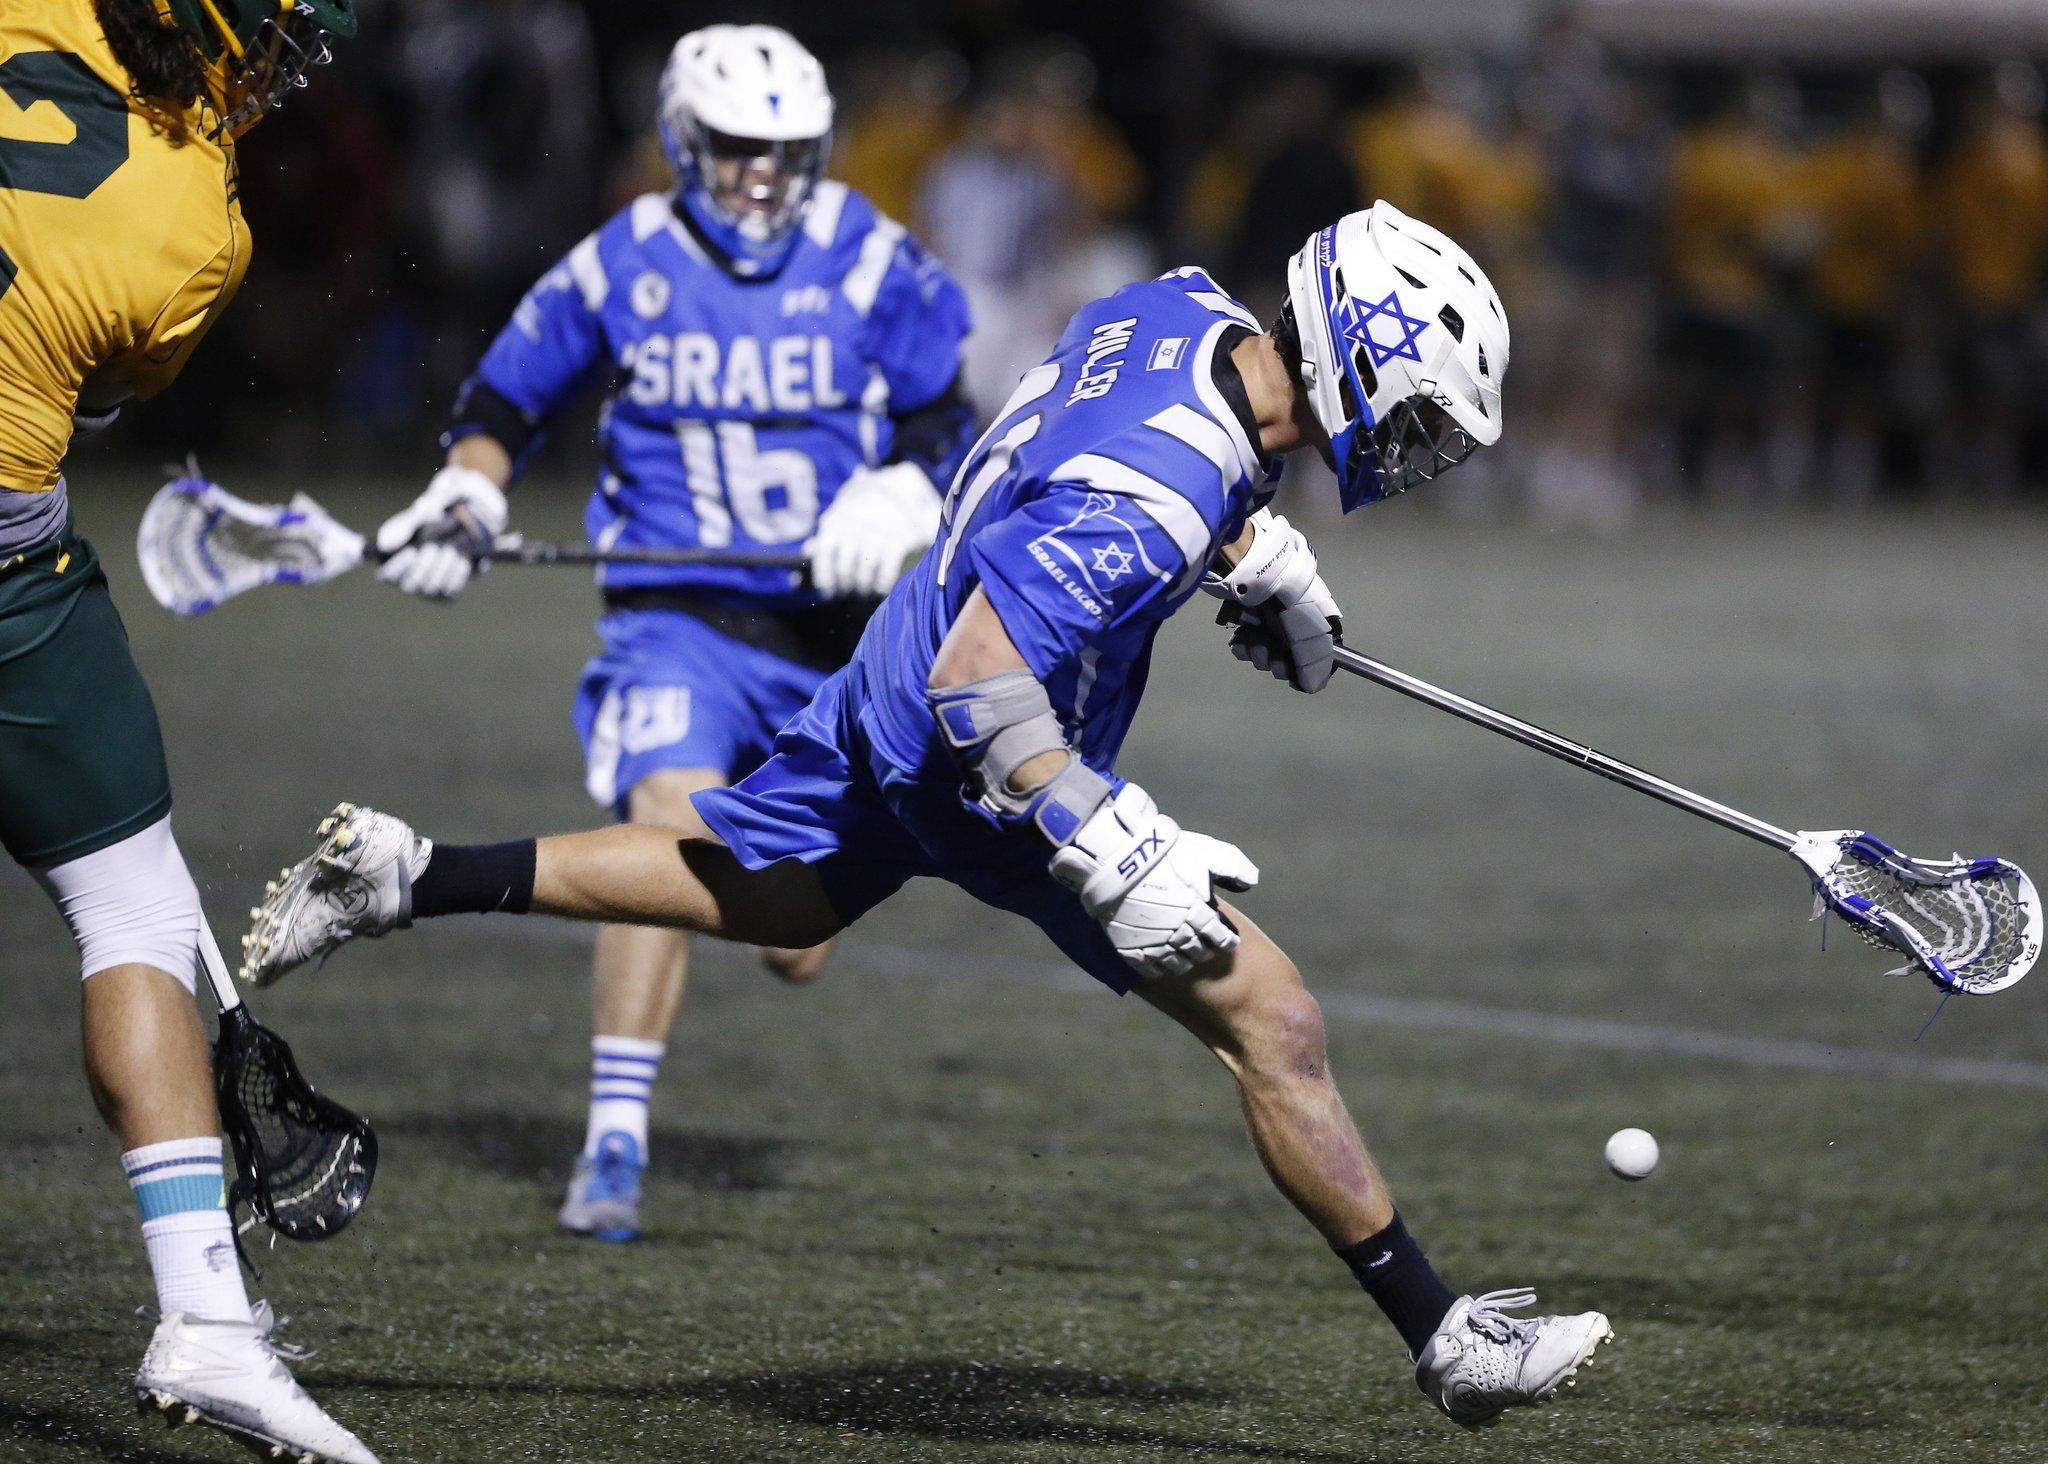 Israel lacrosse league